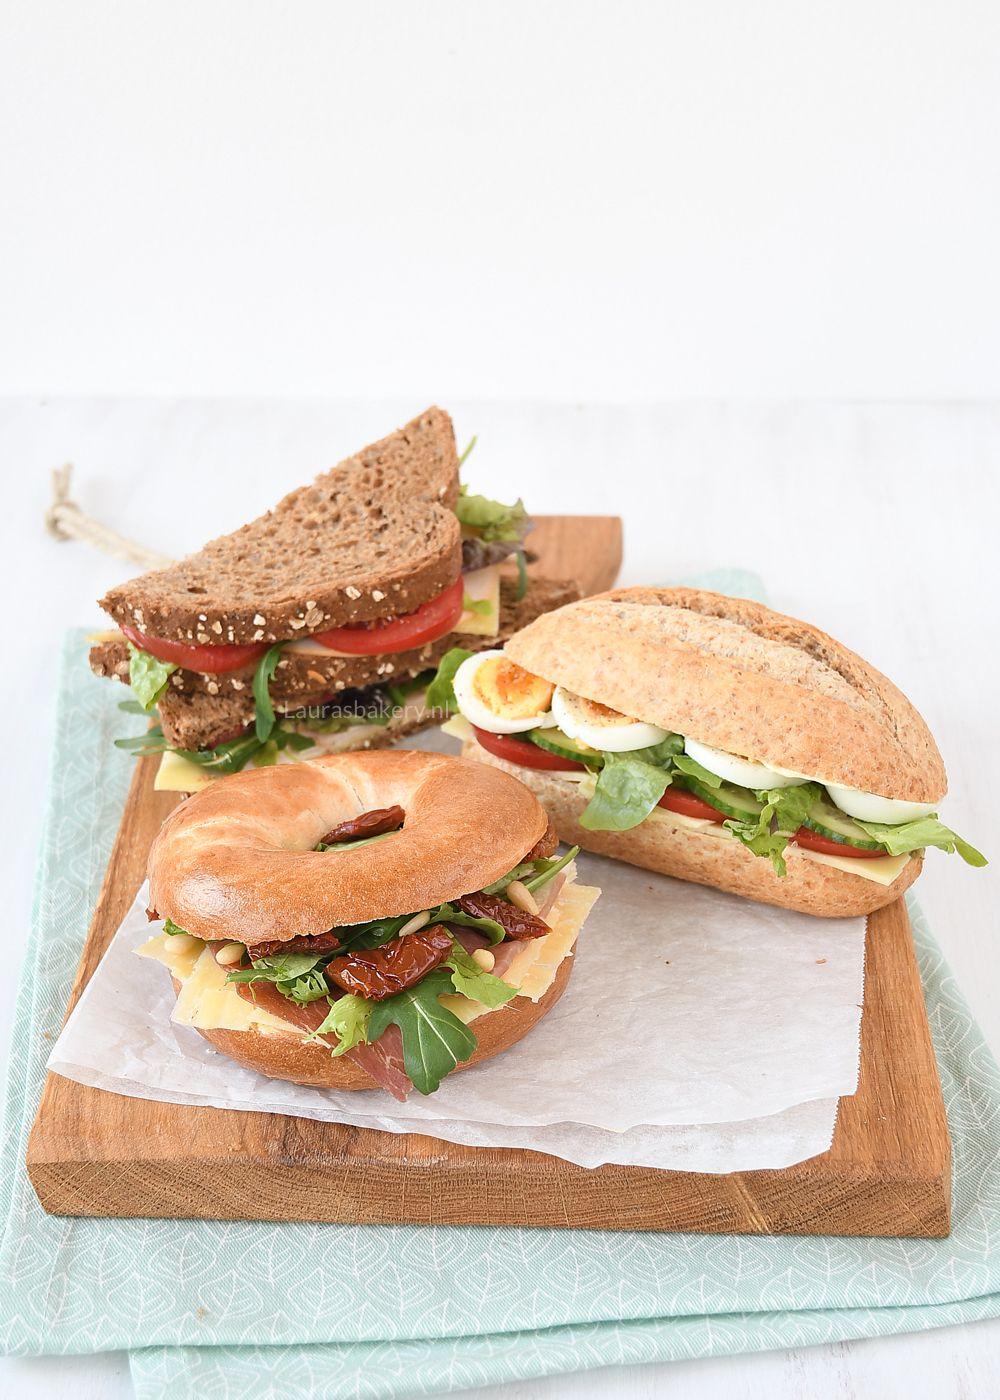 Spiksplinternieuw 3x belegde broodjes voor de lunch (met afbeeldingen) | Broodjes LV-56